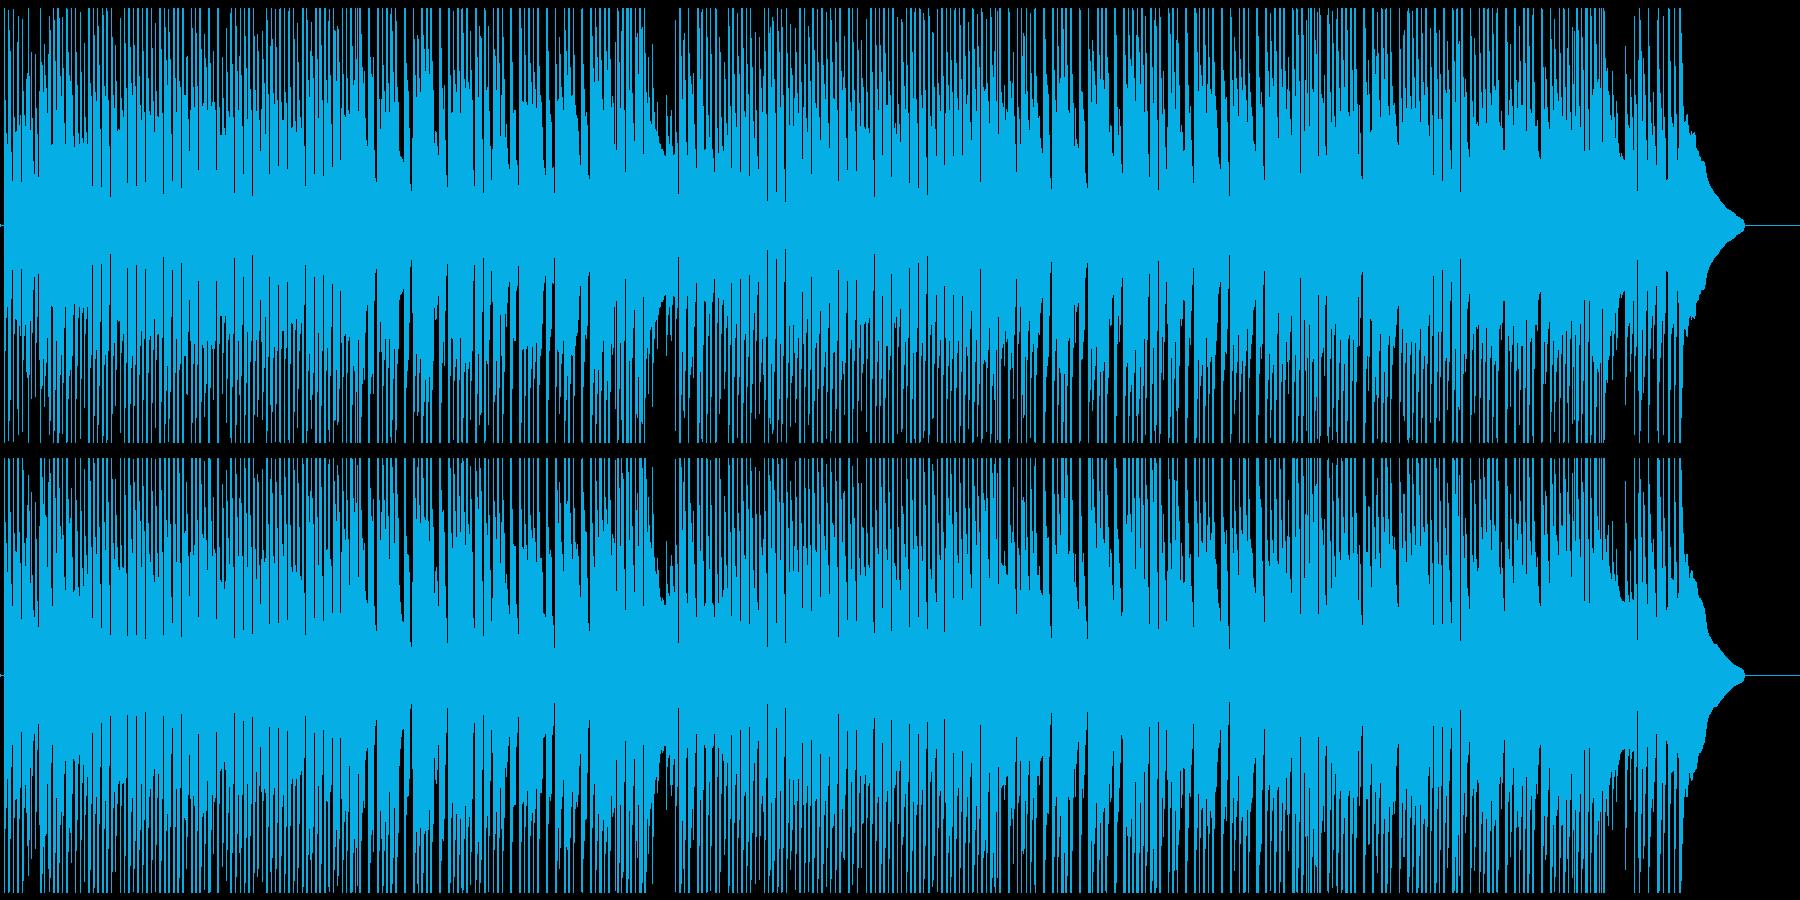 チャイニーズなメロディーのほのぼの曲の再生済みの波形